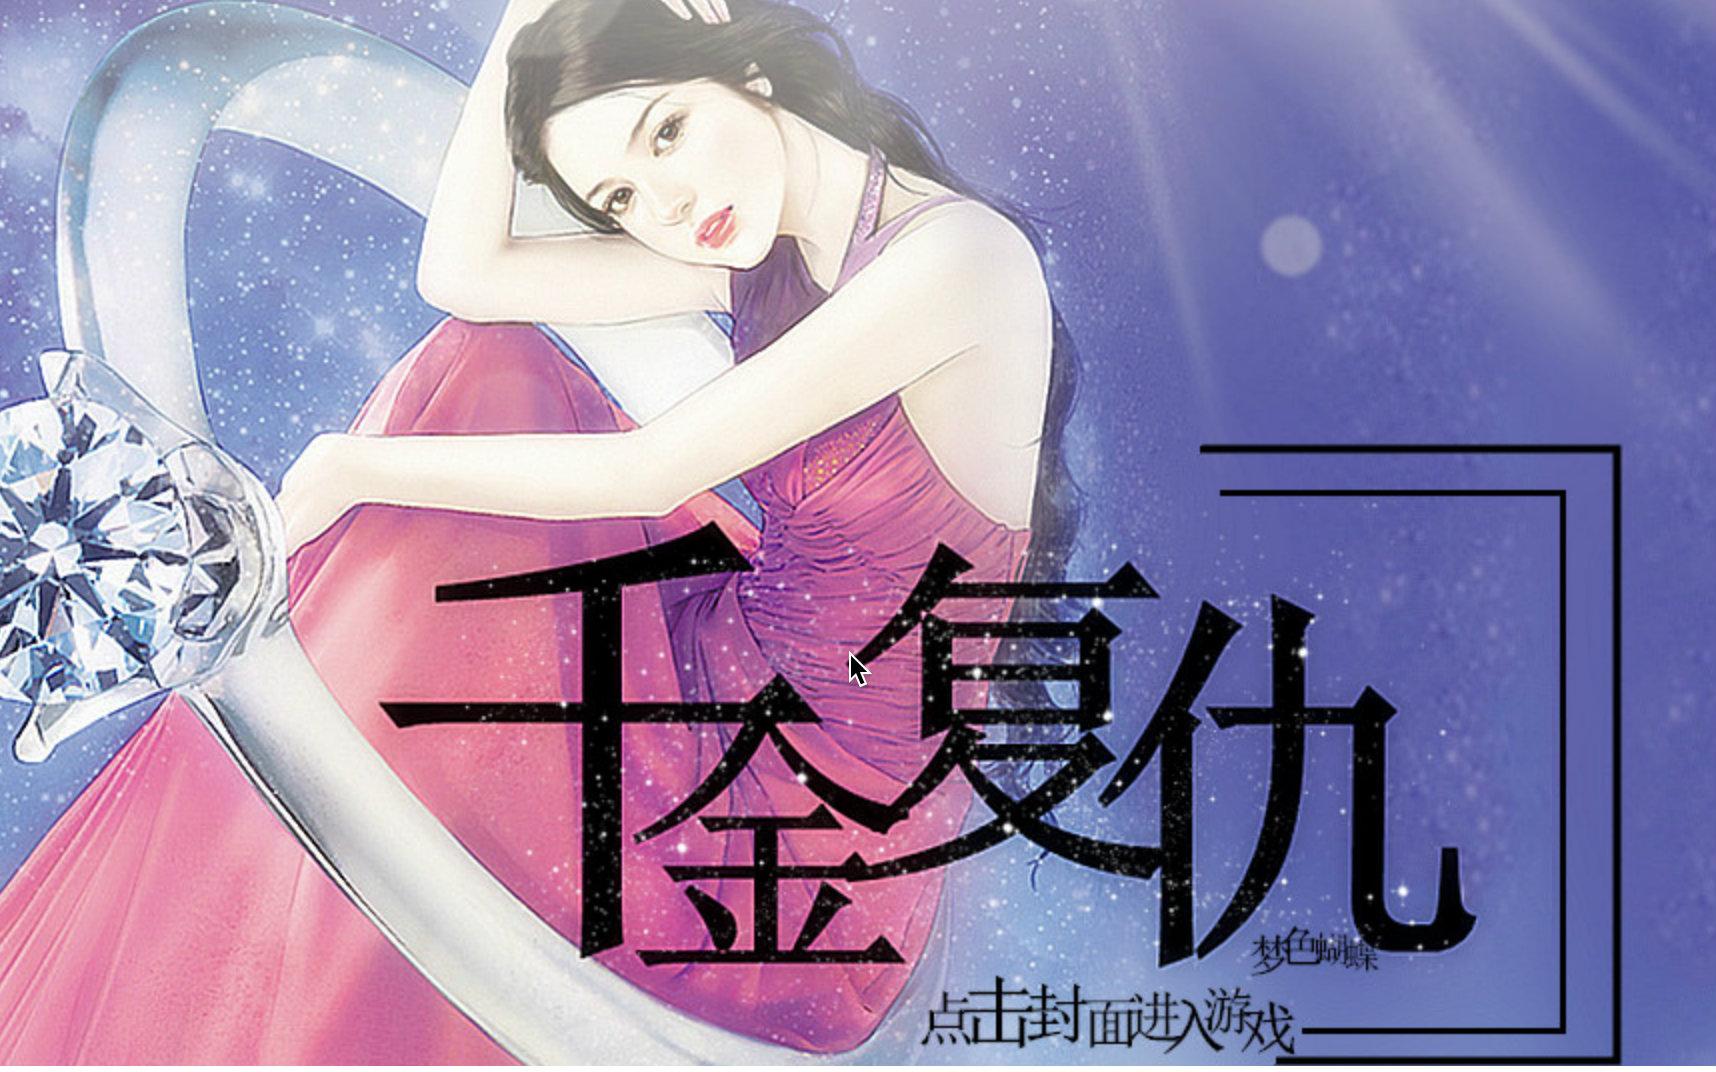 [千金复仇]7p 与后妈的斗智斗勇之旅